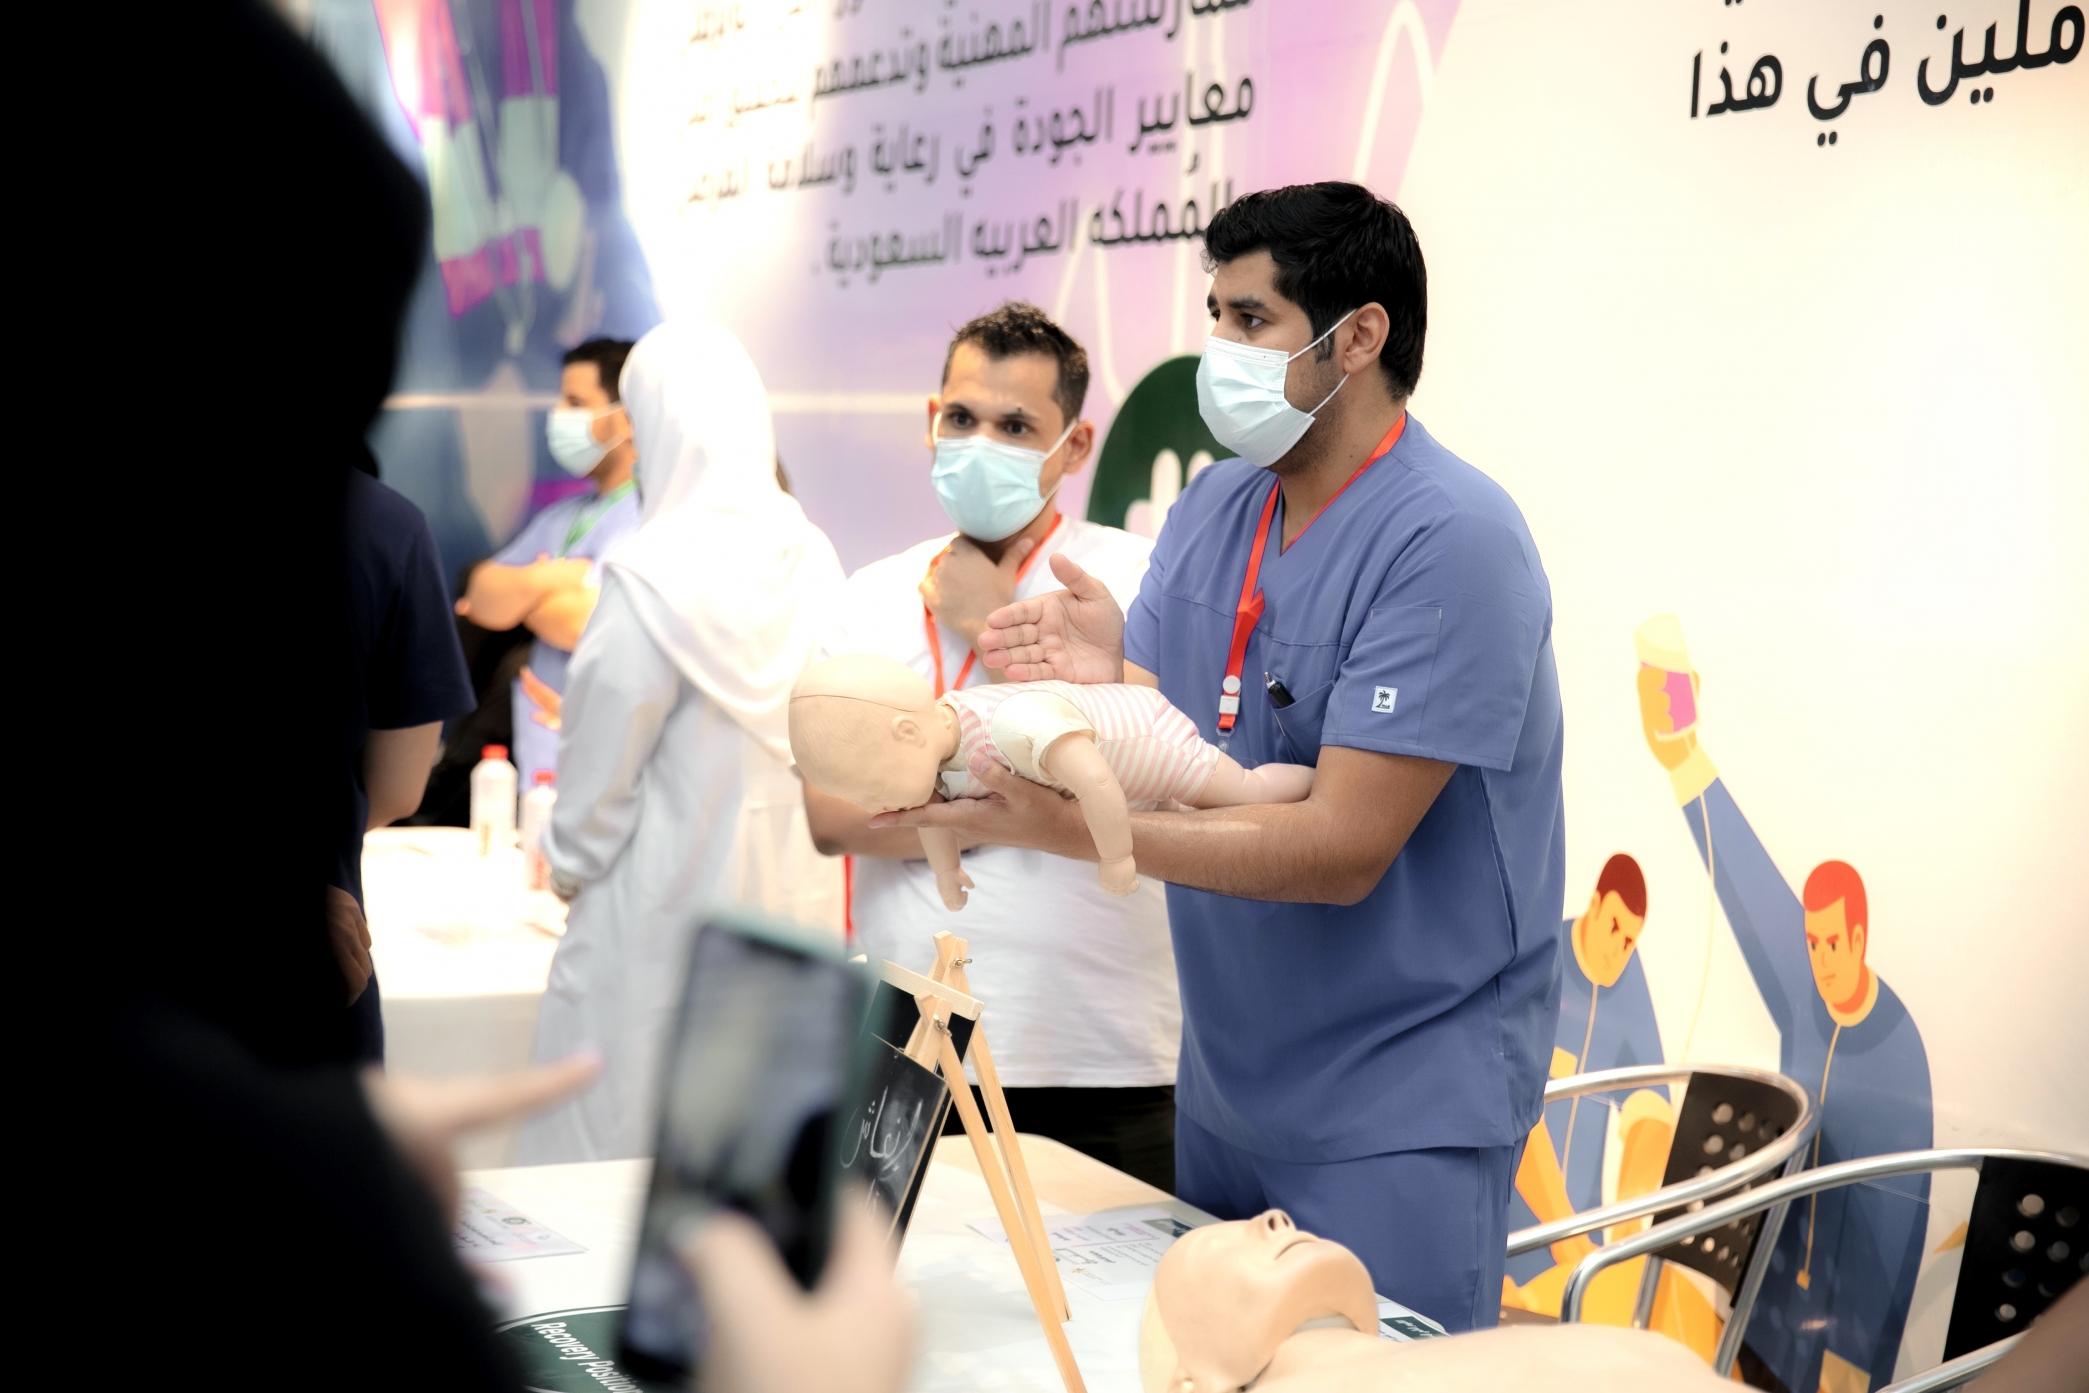 50 متطوع ومتطوعة يشاركون في فعالية اليوم العالمي للإسعافات الأولية بحفر الباطن